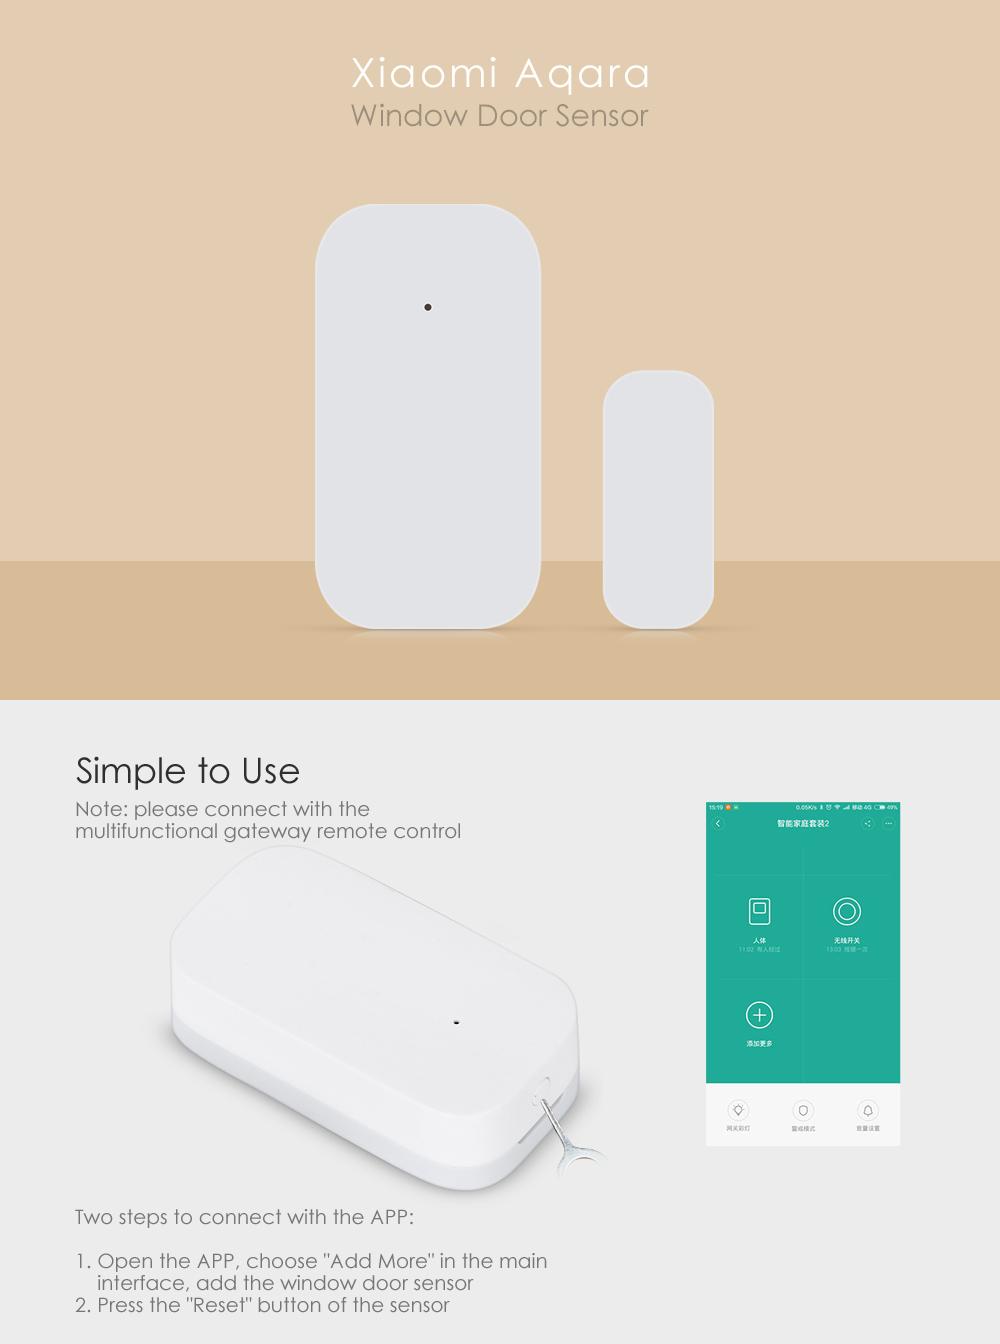 Xiaomi Aqara Zigbee Aaqra Door Sensor Alarm Magnetic Door Sensor Mccgq11lm  - Buy Door Sensor,Door Sensor Alarm,Magnetic Door Sensor Product on